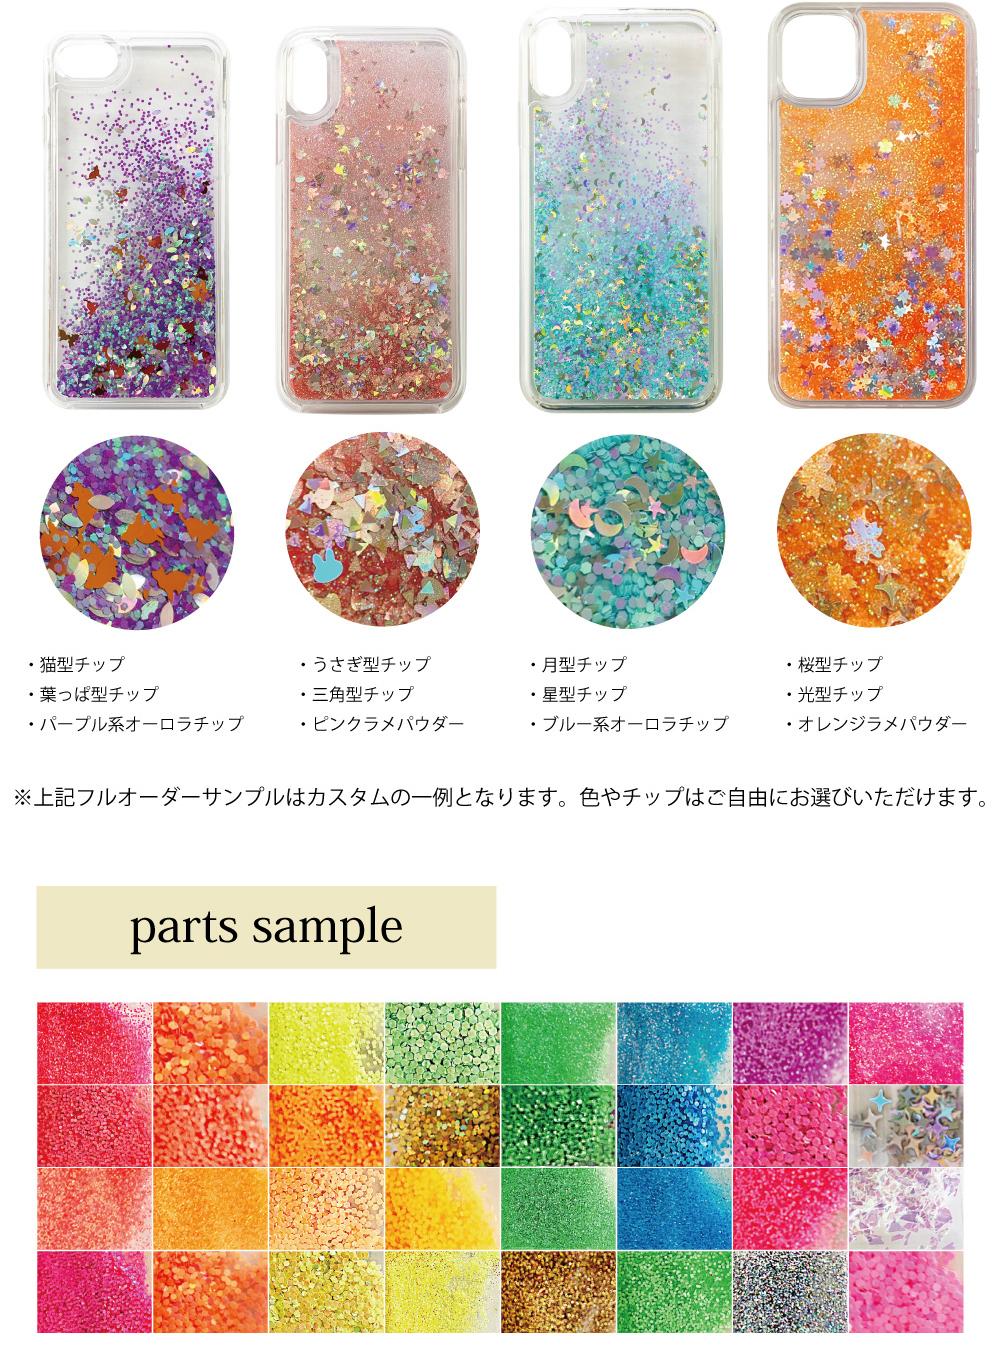 オリジナルグリッターケースのフルオーダーケースサンプルです。画像のサンプルはカスタムの一例となります。色やチップはご自由にお選びいただけます。